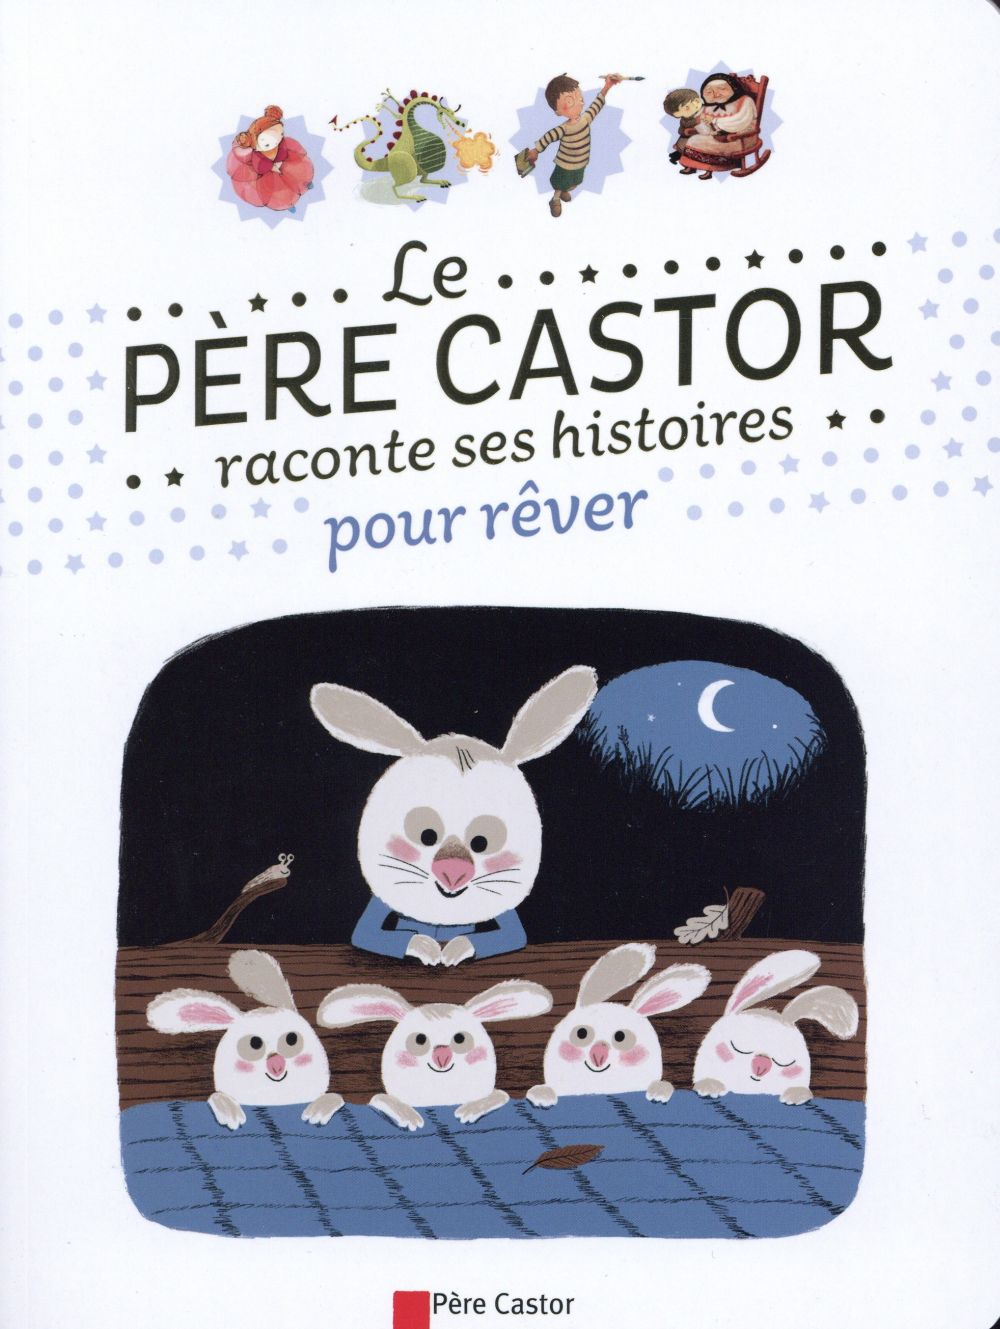 LE PERE CASTOR RACONTE SES HISTOIRES POUR REVER